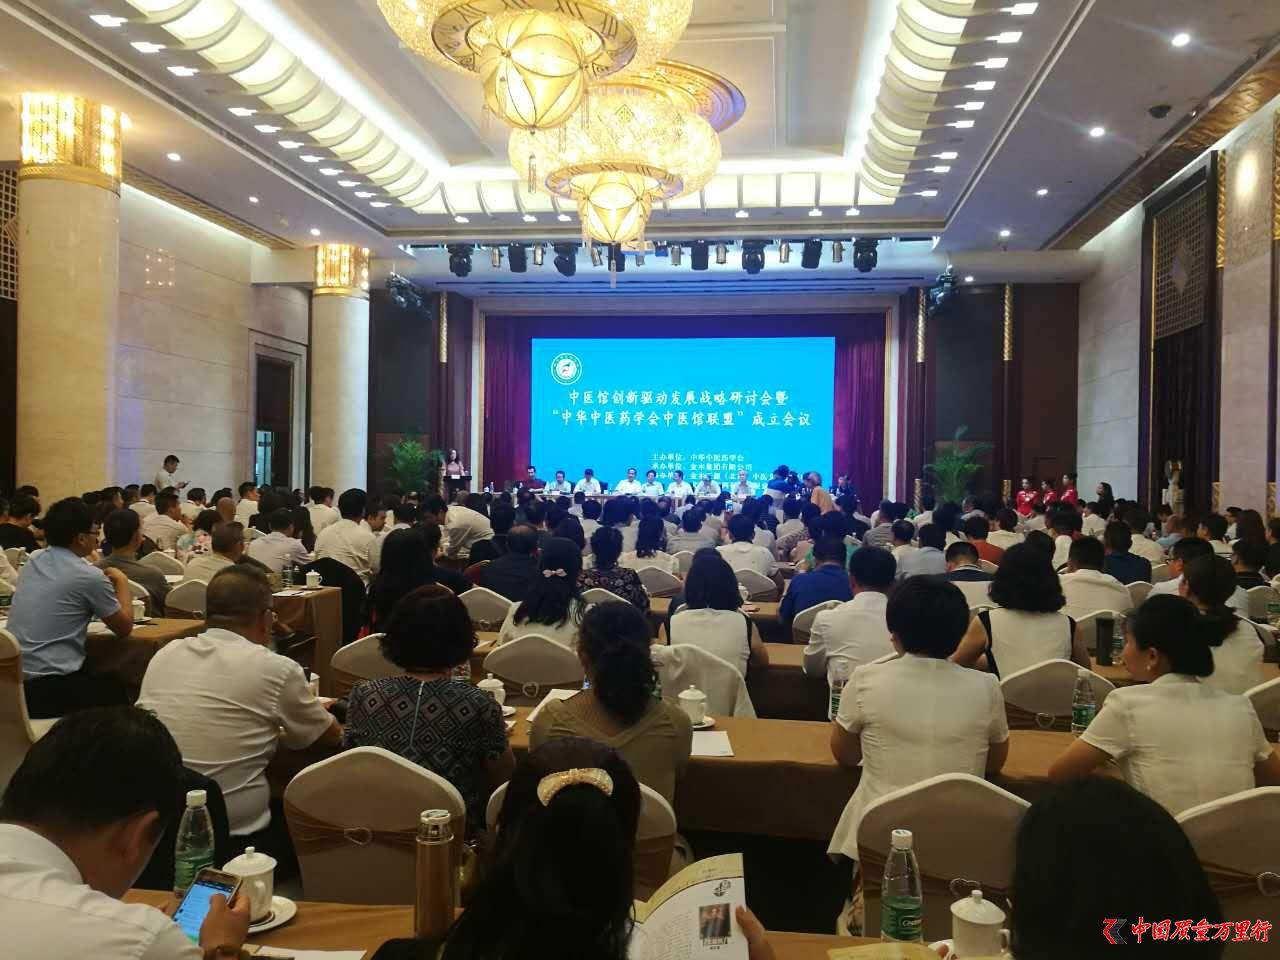 中华中医药学会携手金木集团成立国医馆